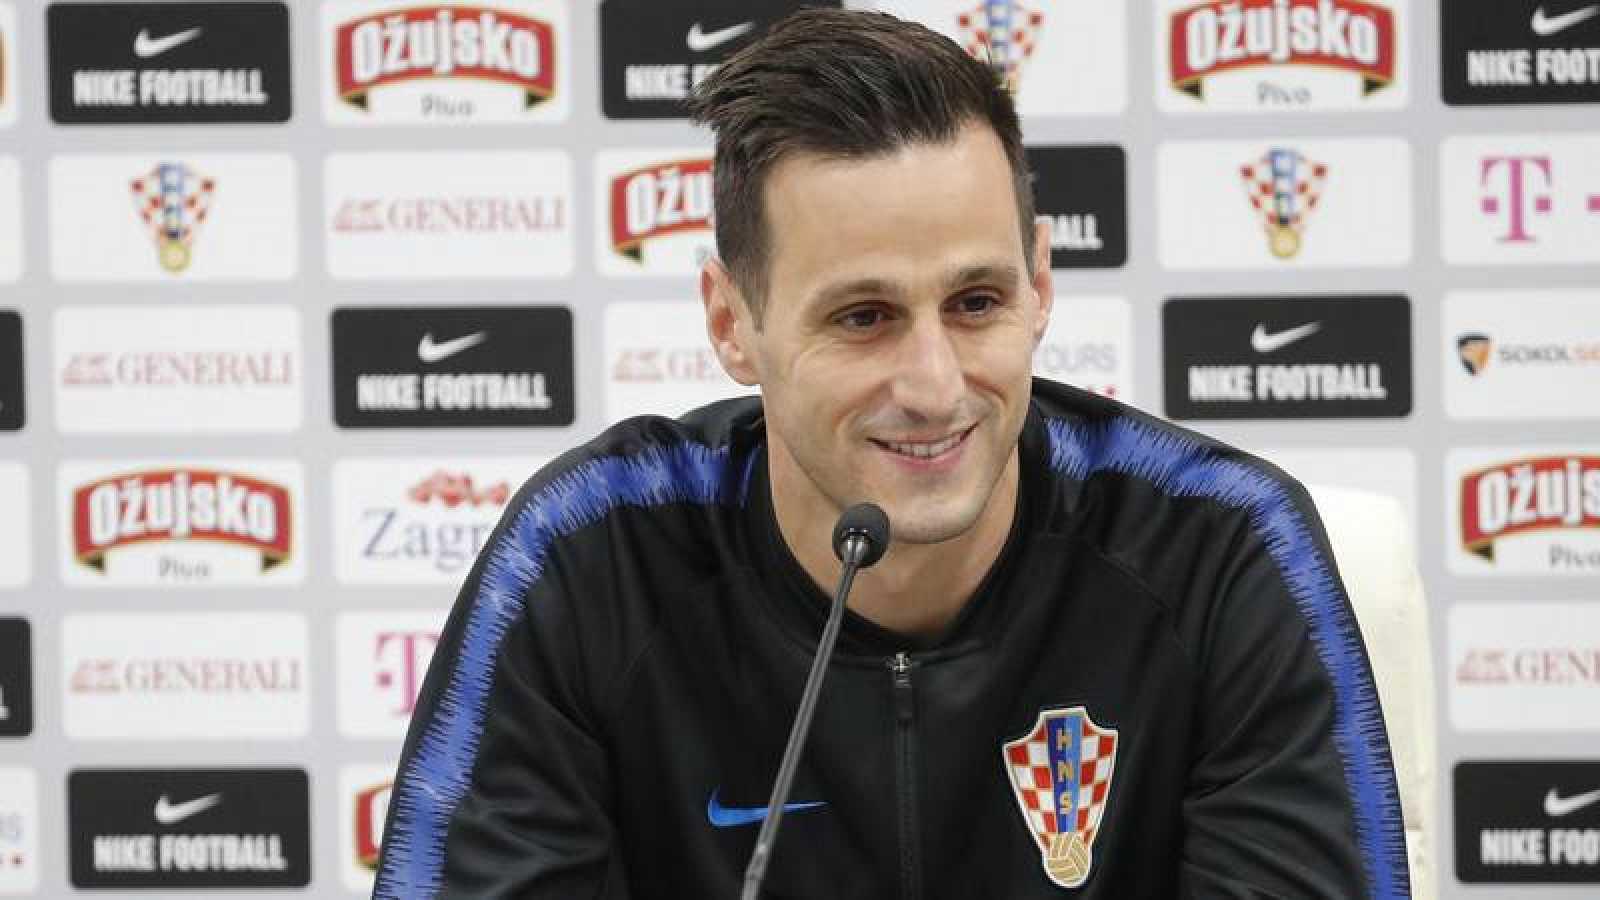 El seleccionador de Croacia expulsa a Kalinic por negarse a jugar, según un diario